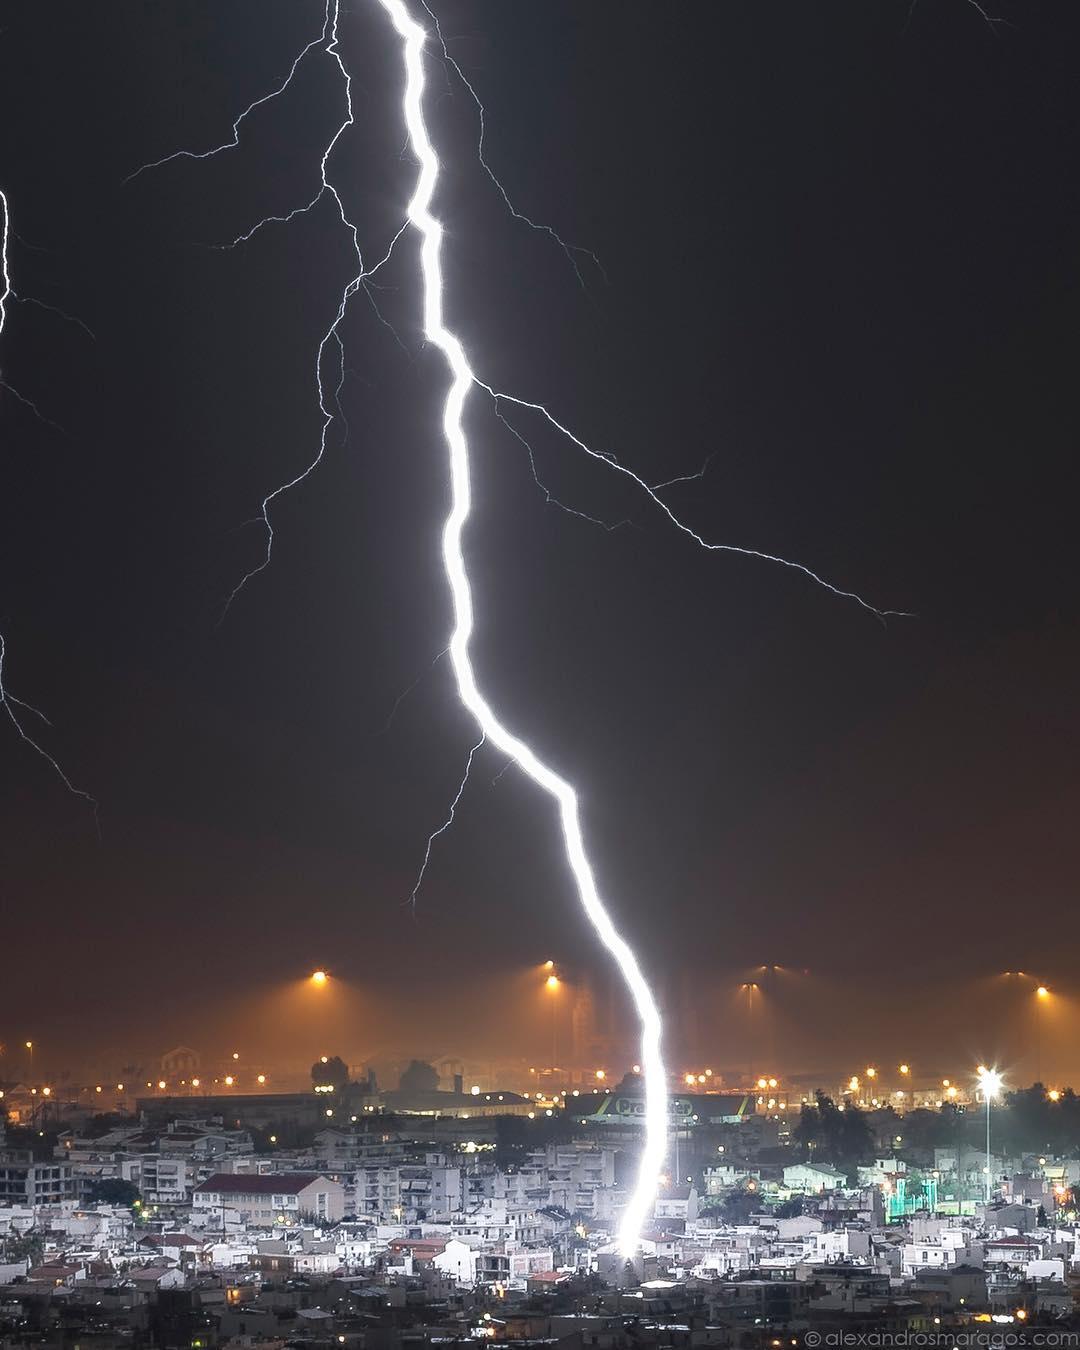 Прямой удар молнии в городе Патры, Греция. Март 2018 Фотограф Alexandros Maragos